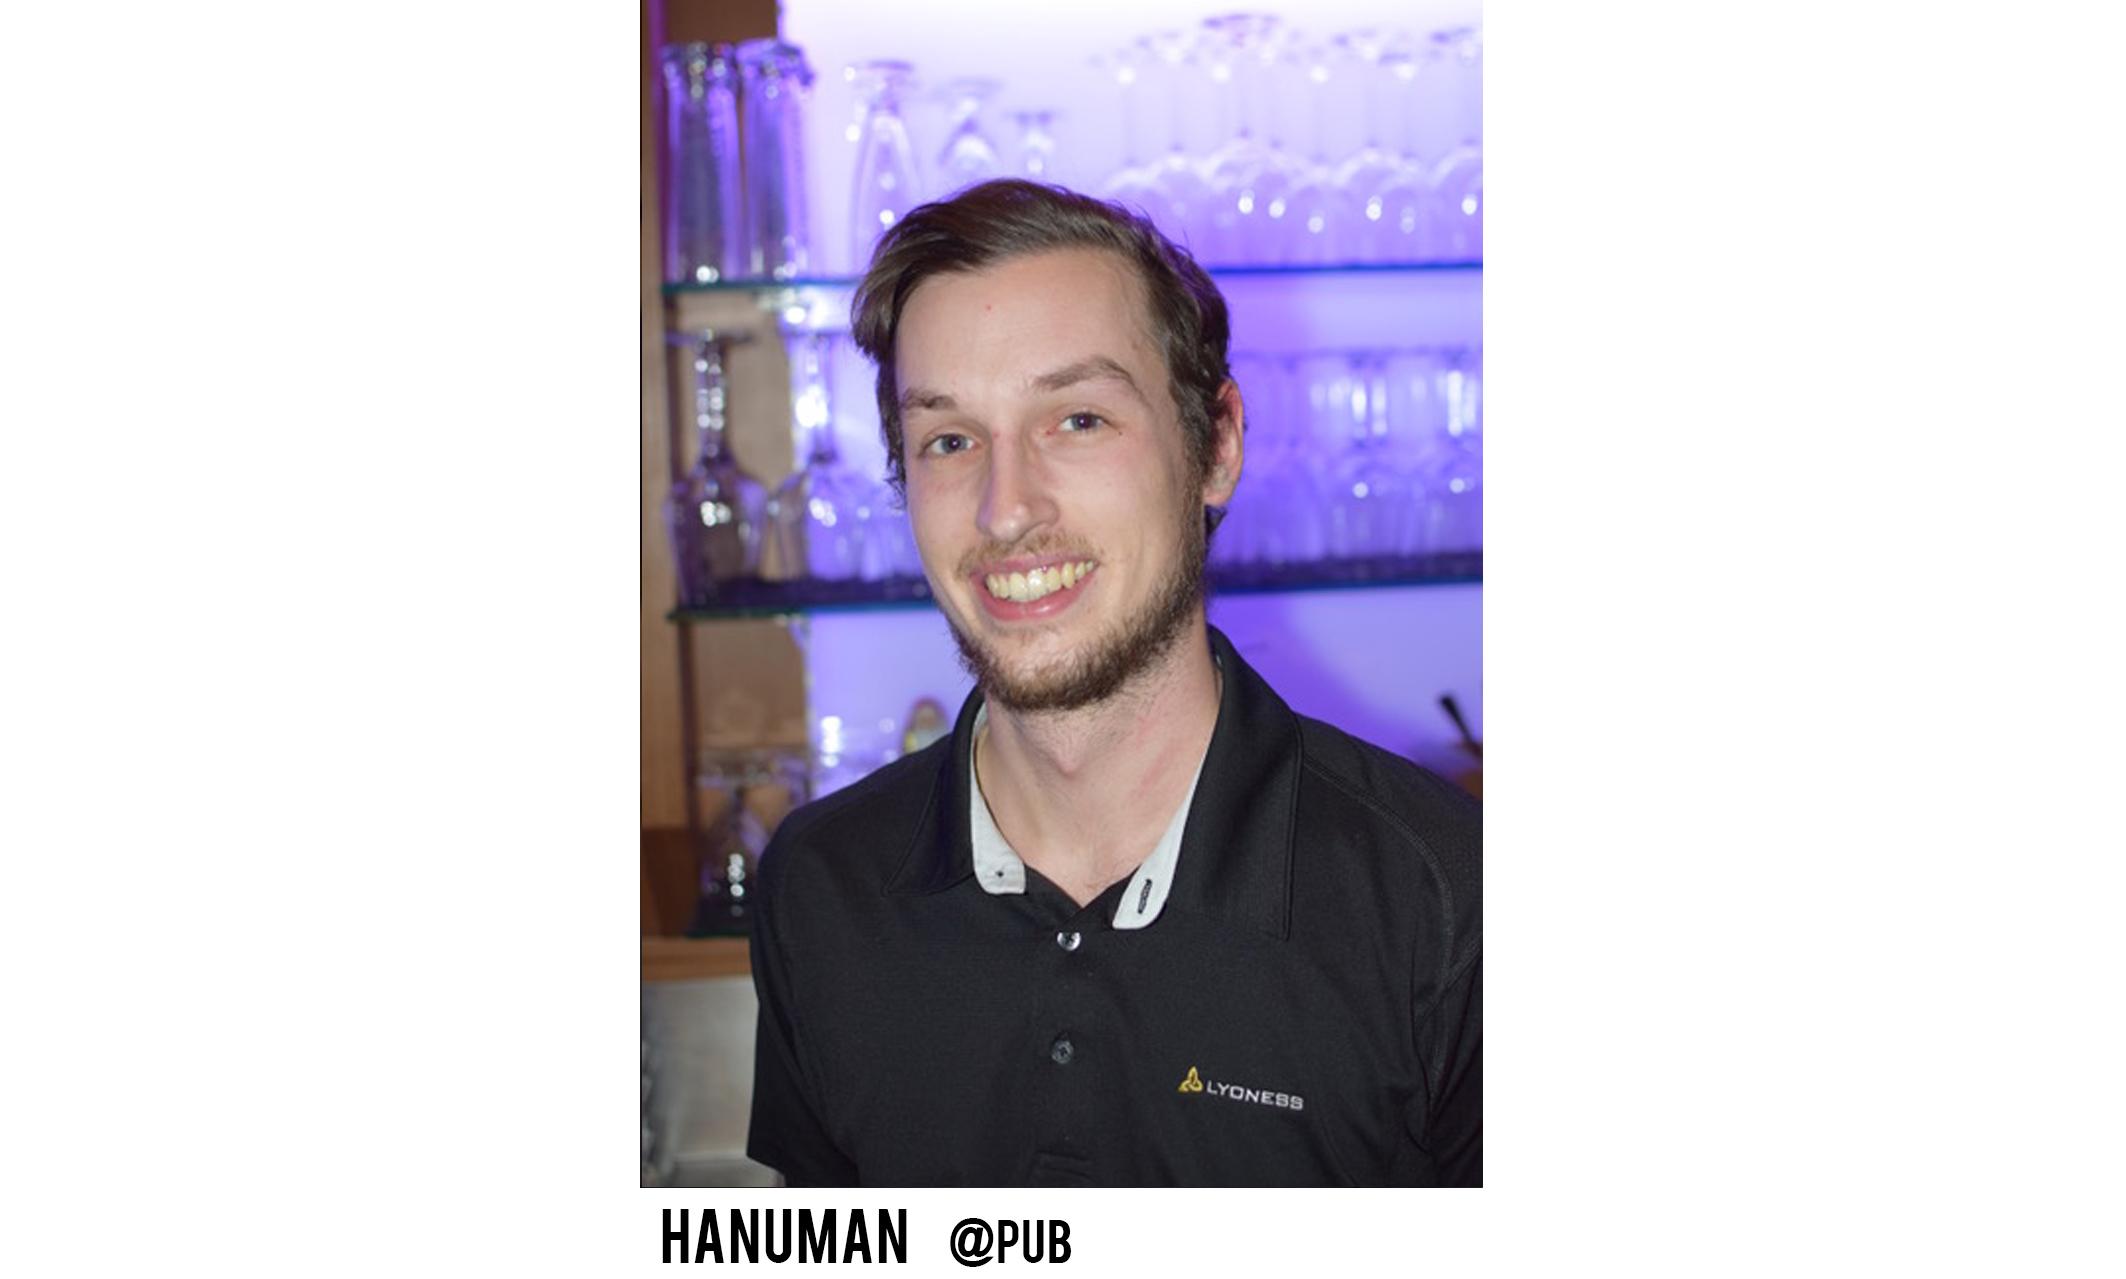 hanuman_pub